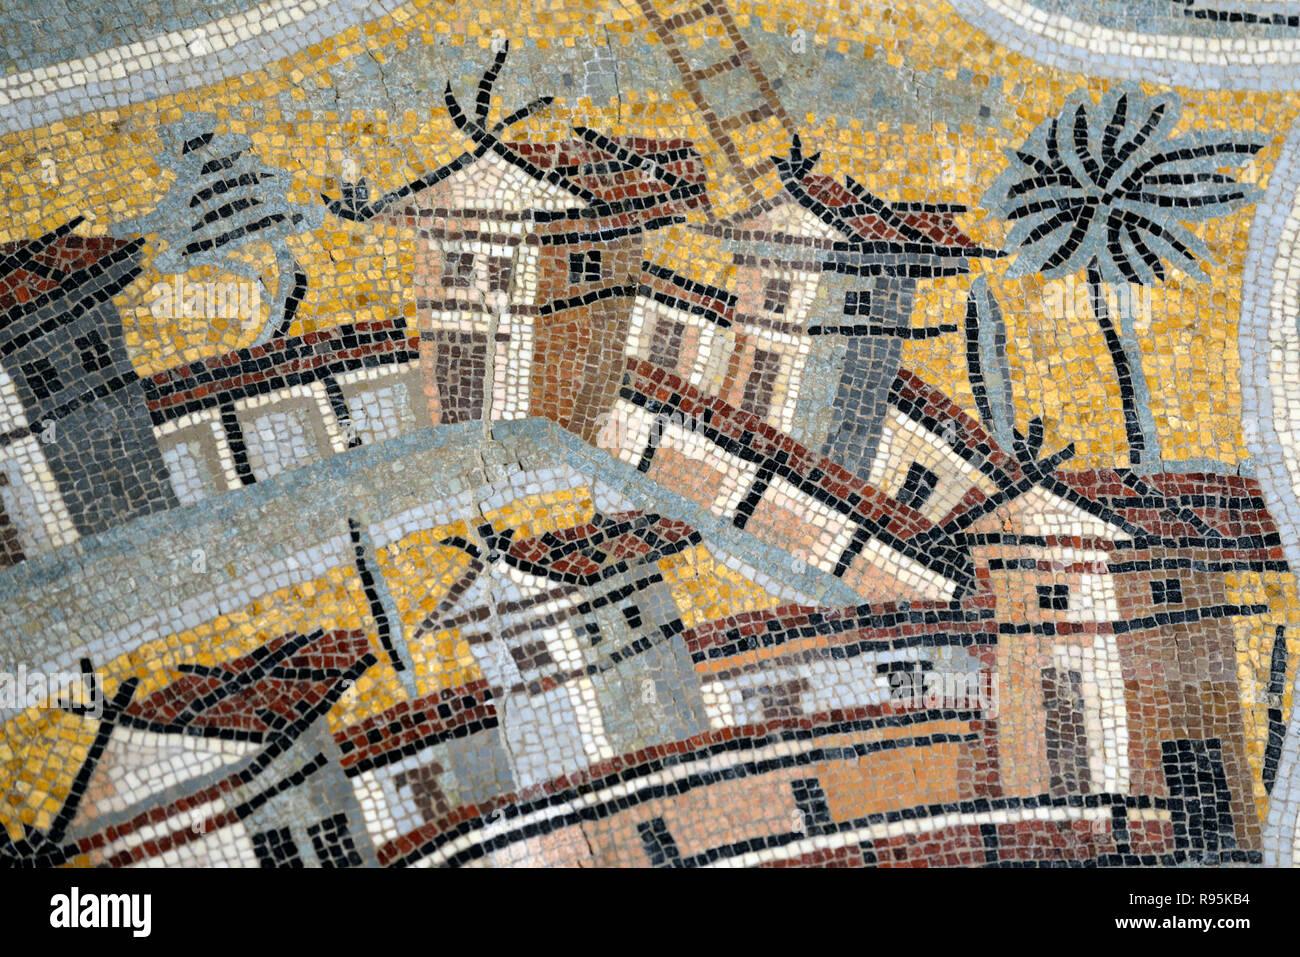 Piso de mosaico romano (c3rd-c4ª) de Rodas, mostrando los detalles de casas y arquitectura de la antigua ciudad romana de Ammaedara Haidra Túnez Imagen De Stock